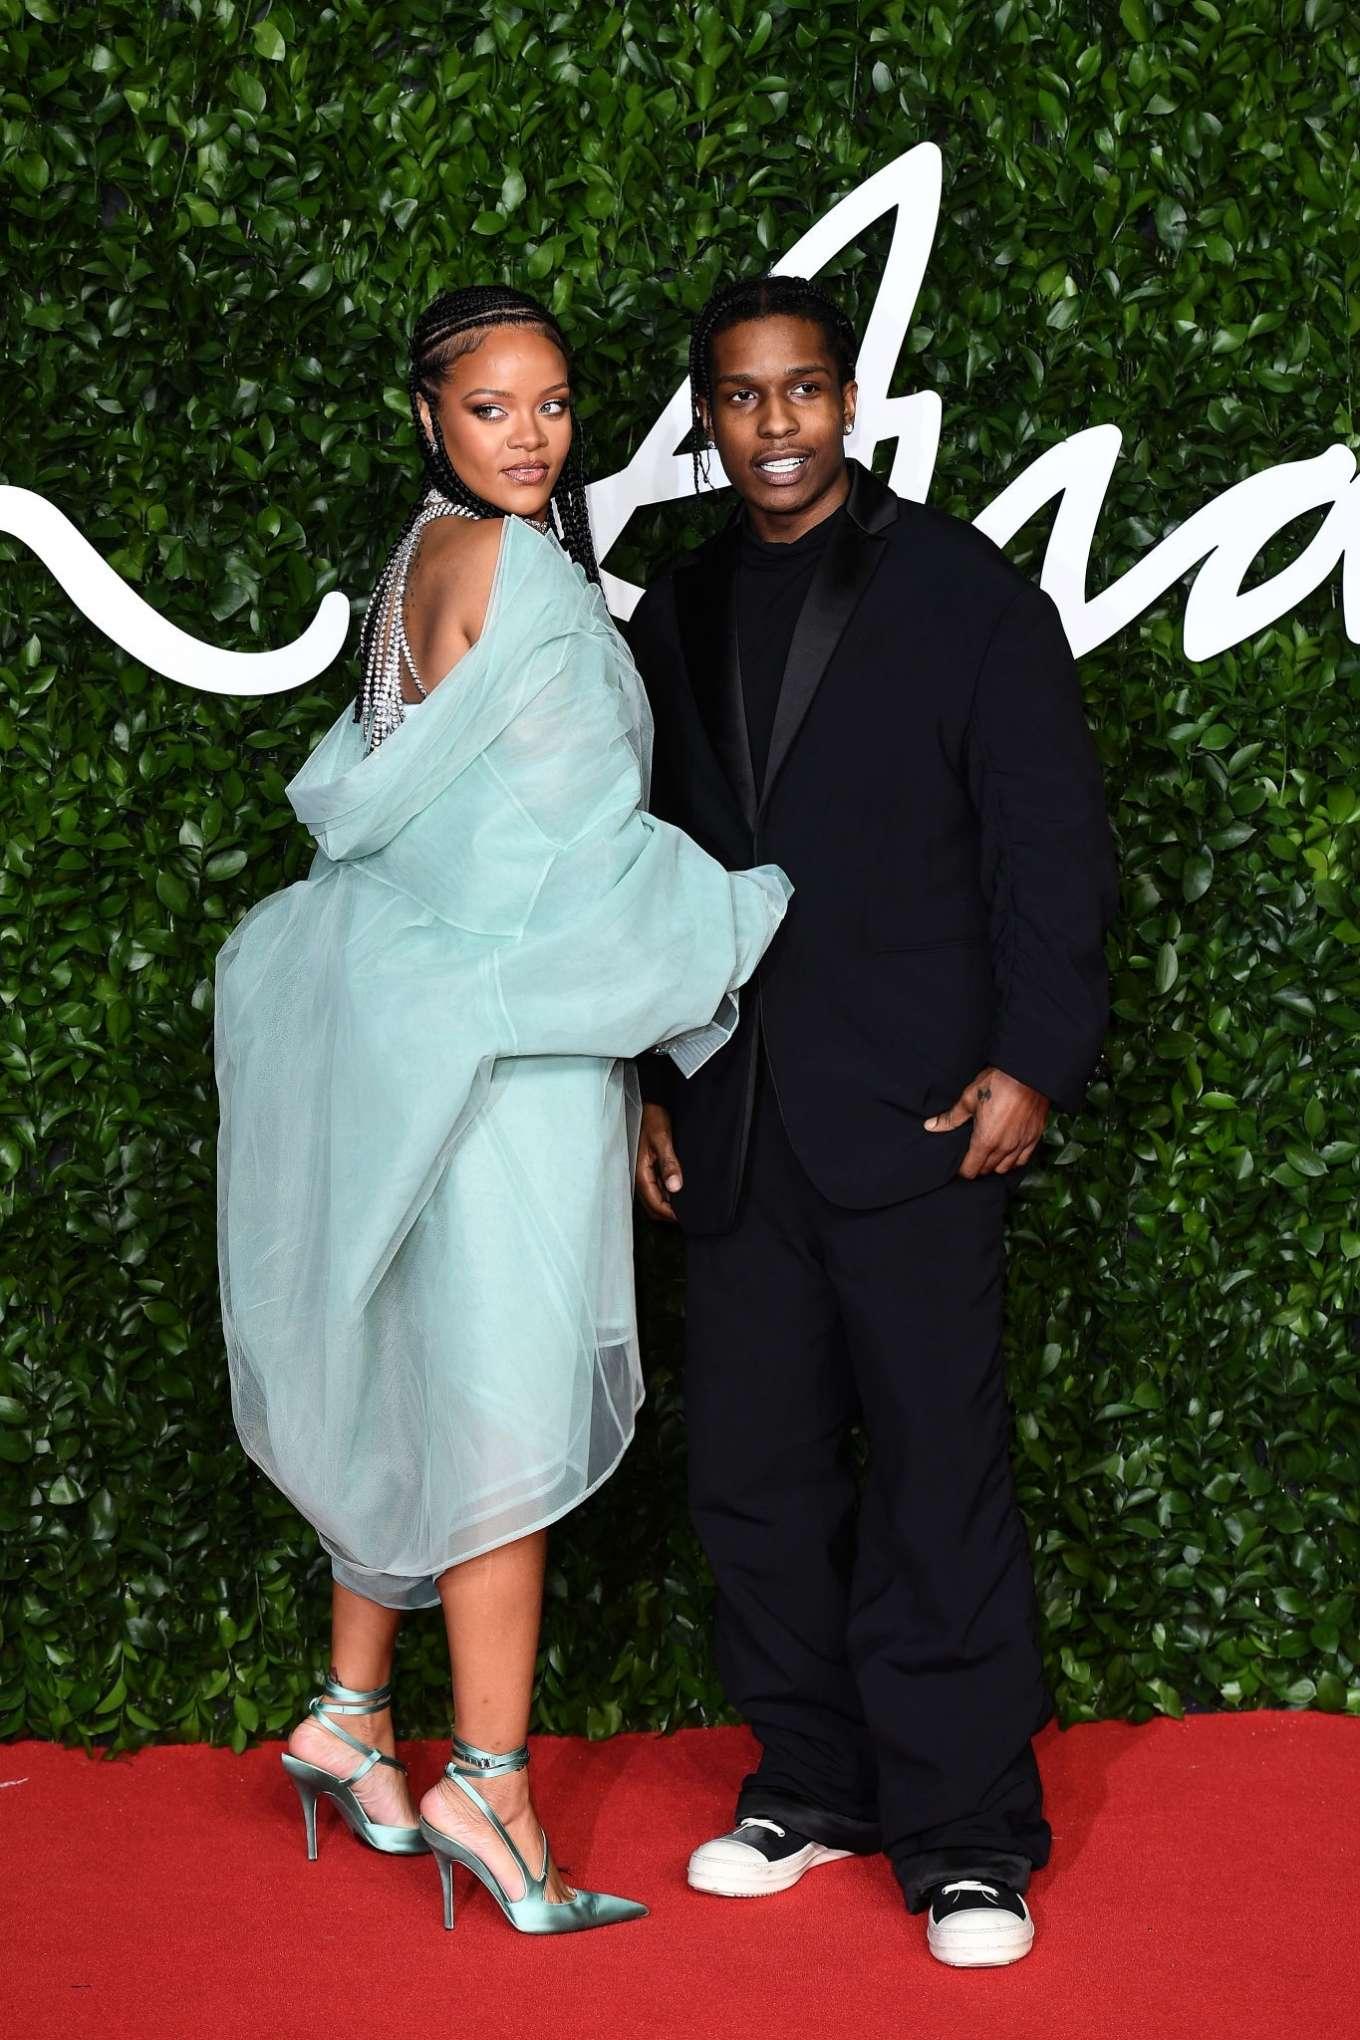 Rihanna 2019 : Rihanna – Fashion Awards 2019 in London-29